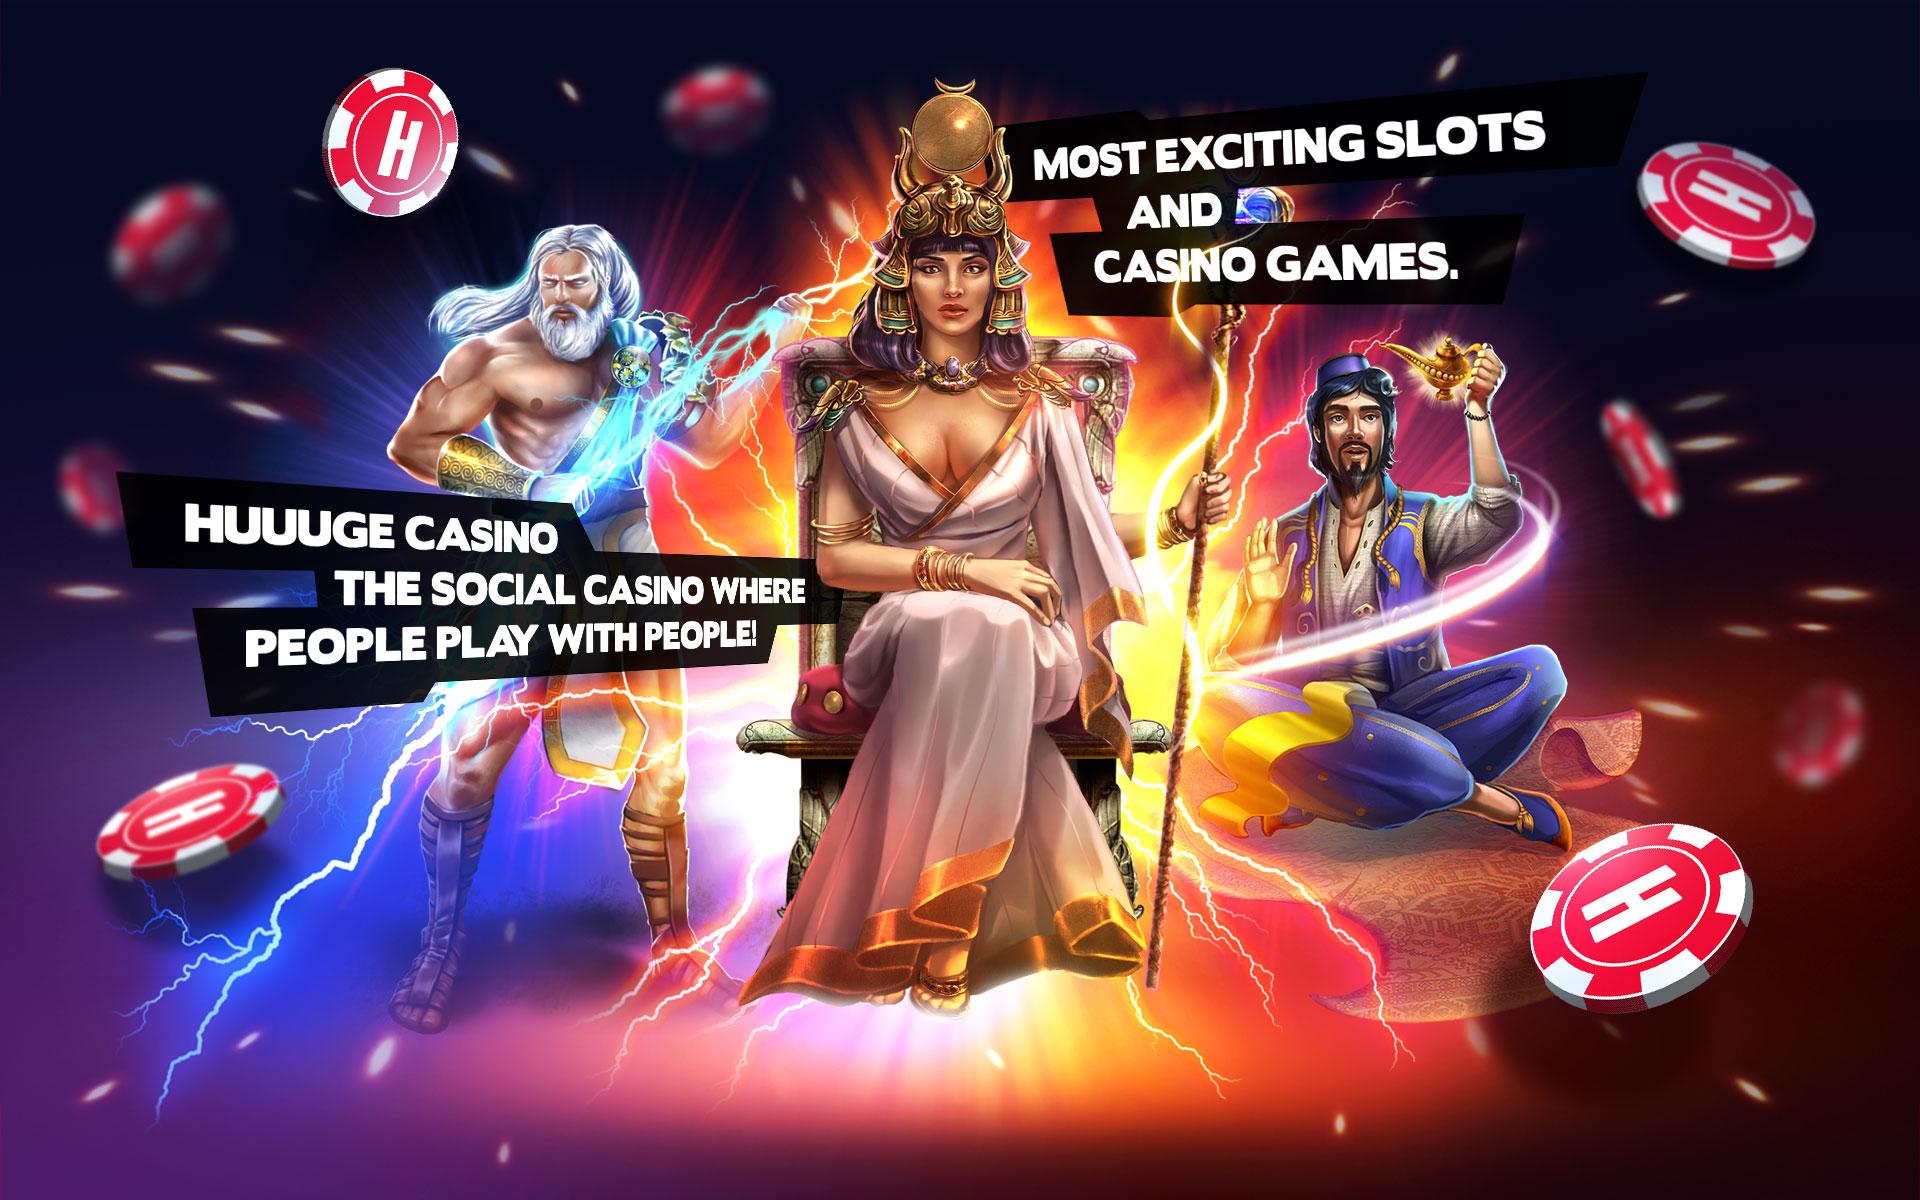 泰国79%民众好赌,足球次之,同题材手游笑傲榜单